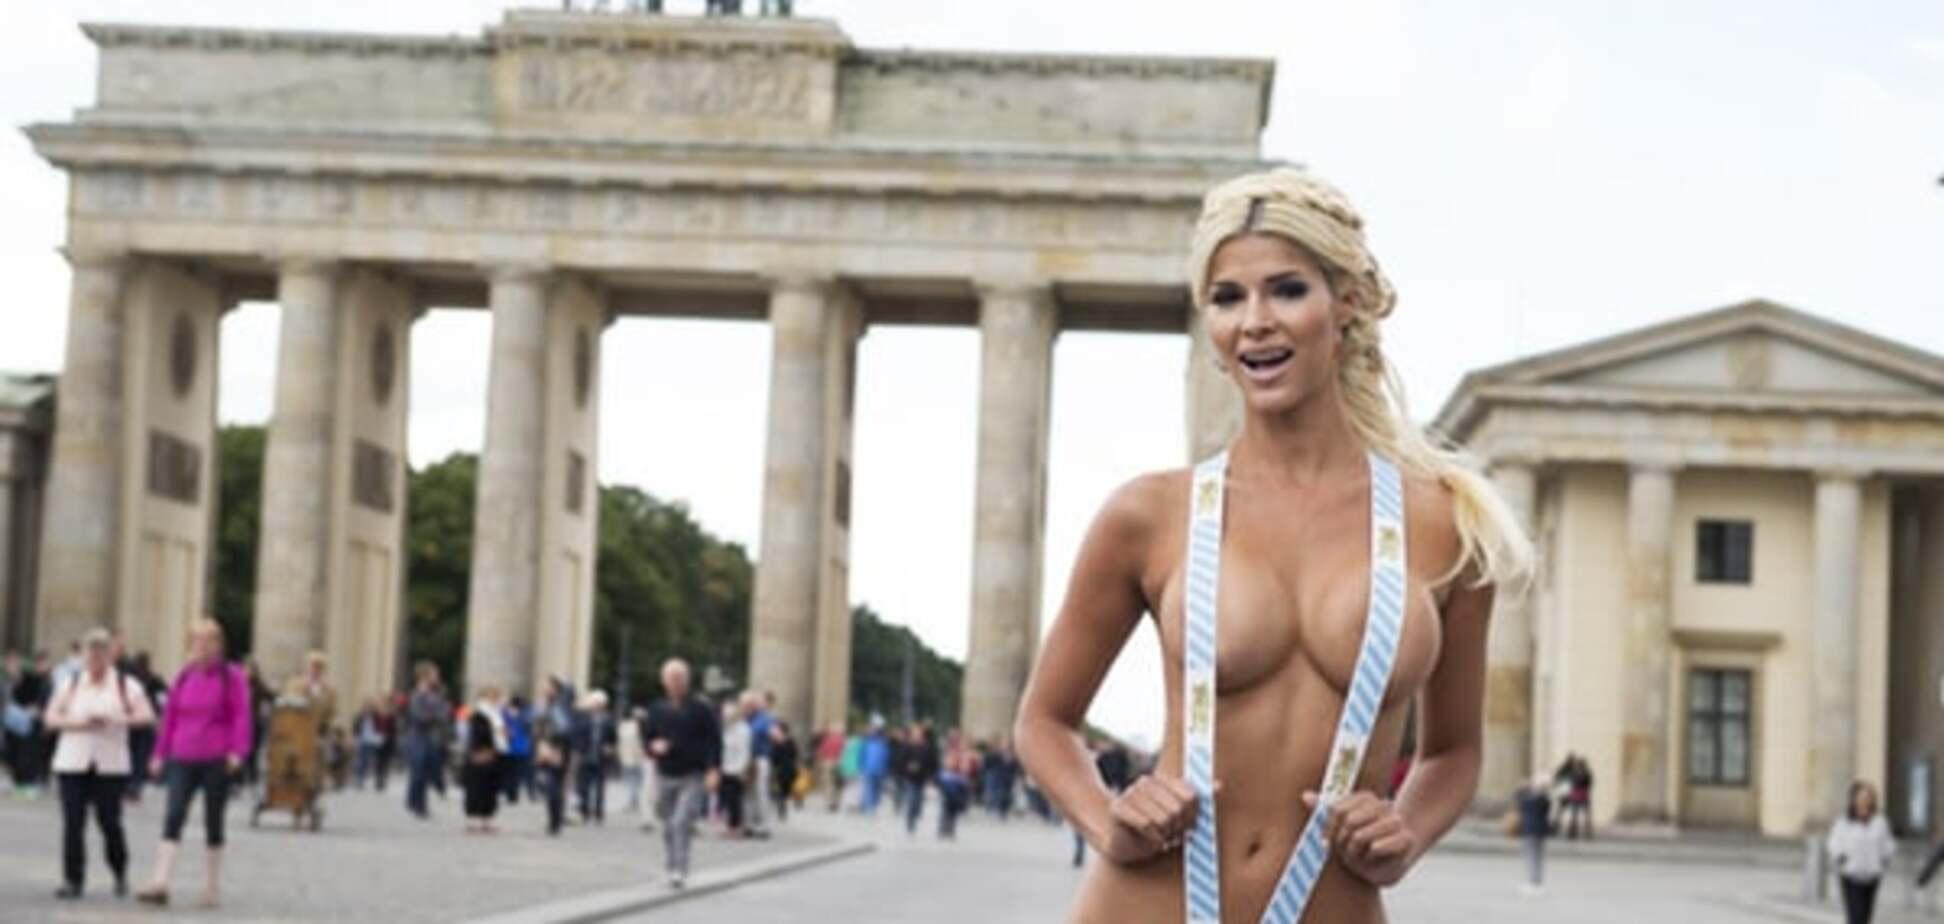 Немецкая модель голышом зазывала на кружку пива с сосиской: фотофакт